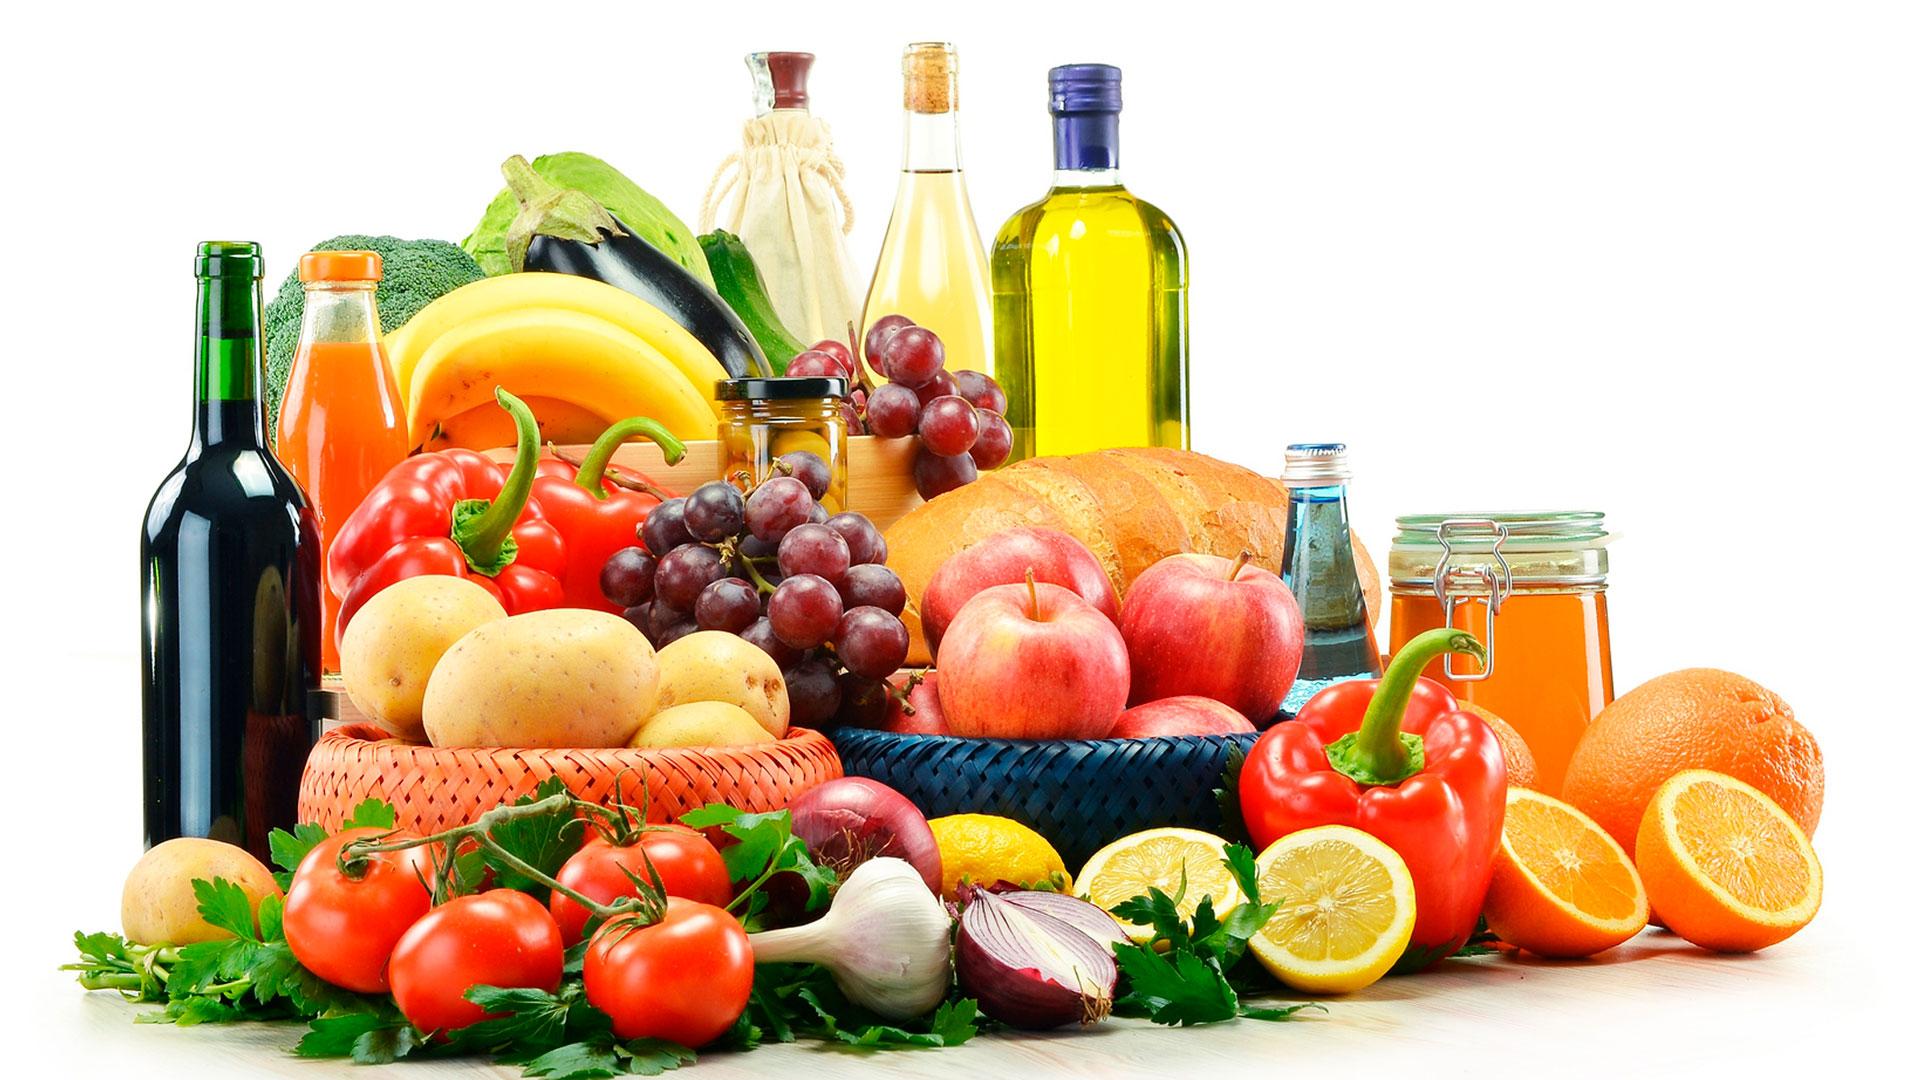 Più la dieta mediterranea è seguita con costanza più scende il rischio di diabete di tipo 2